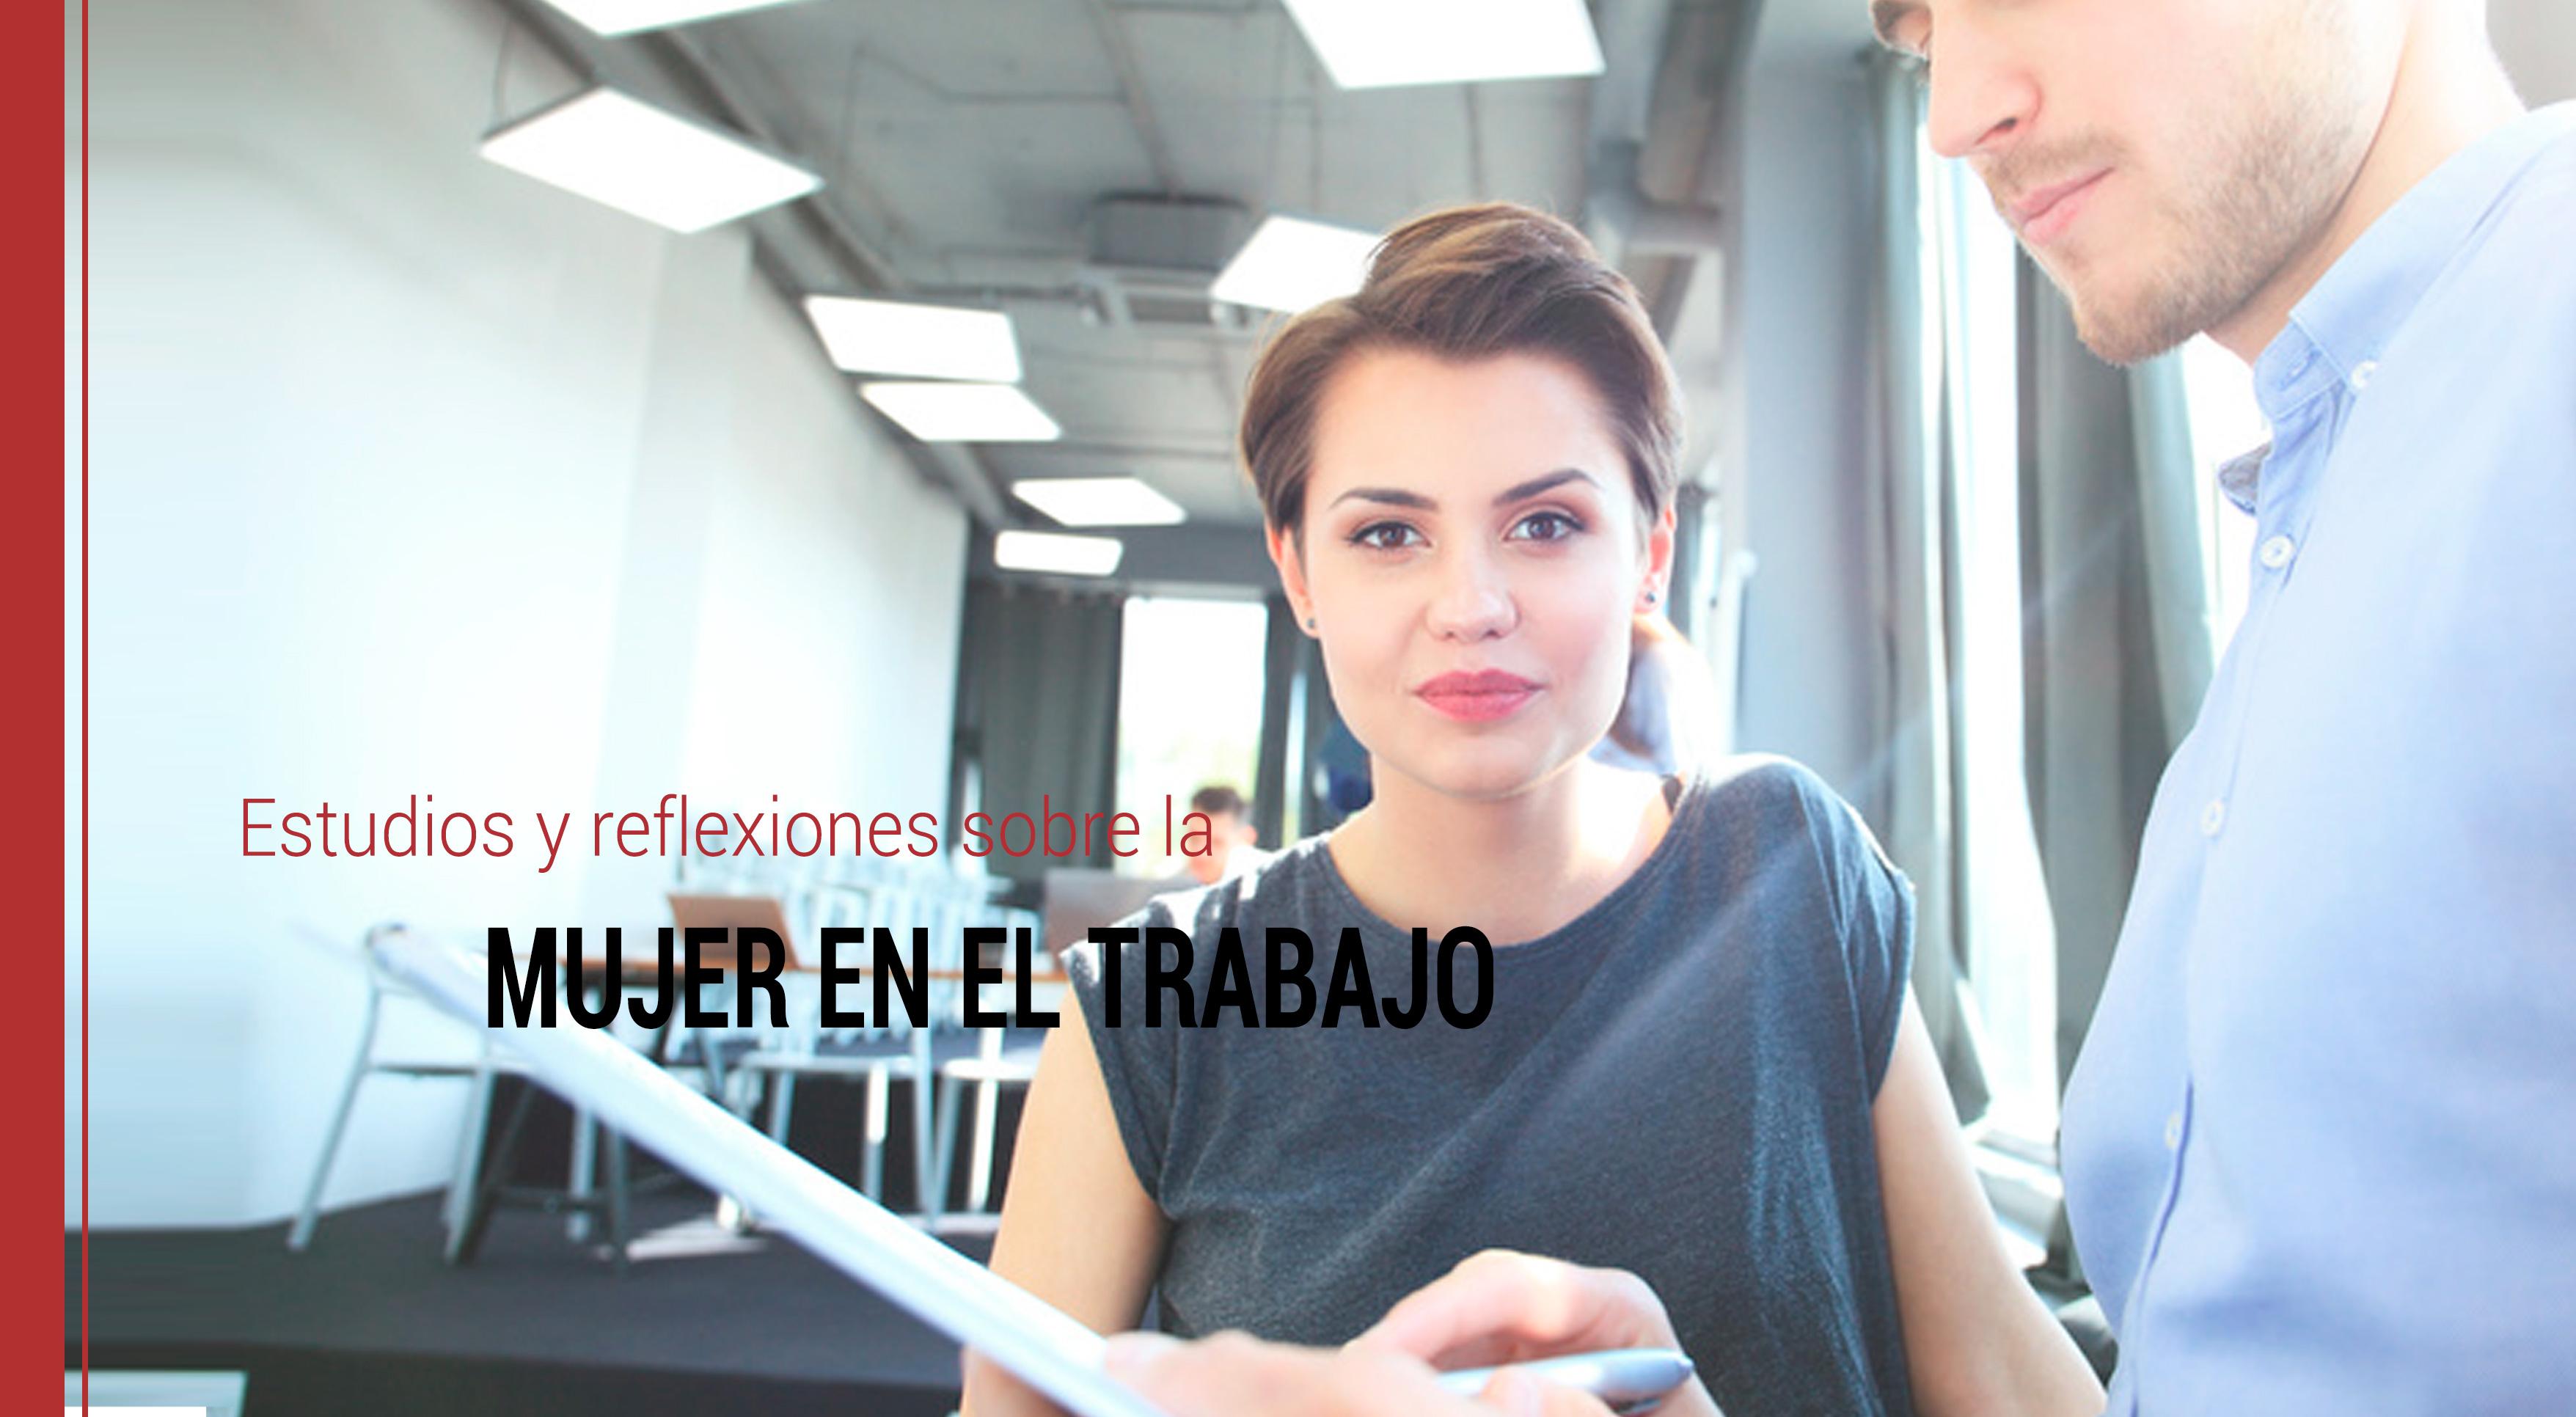 mujer-en-el-trabajo-estudios-reflexiones El papel de la mujer en el trabajo: estudios y reflexiones